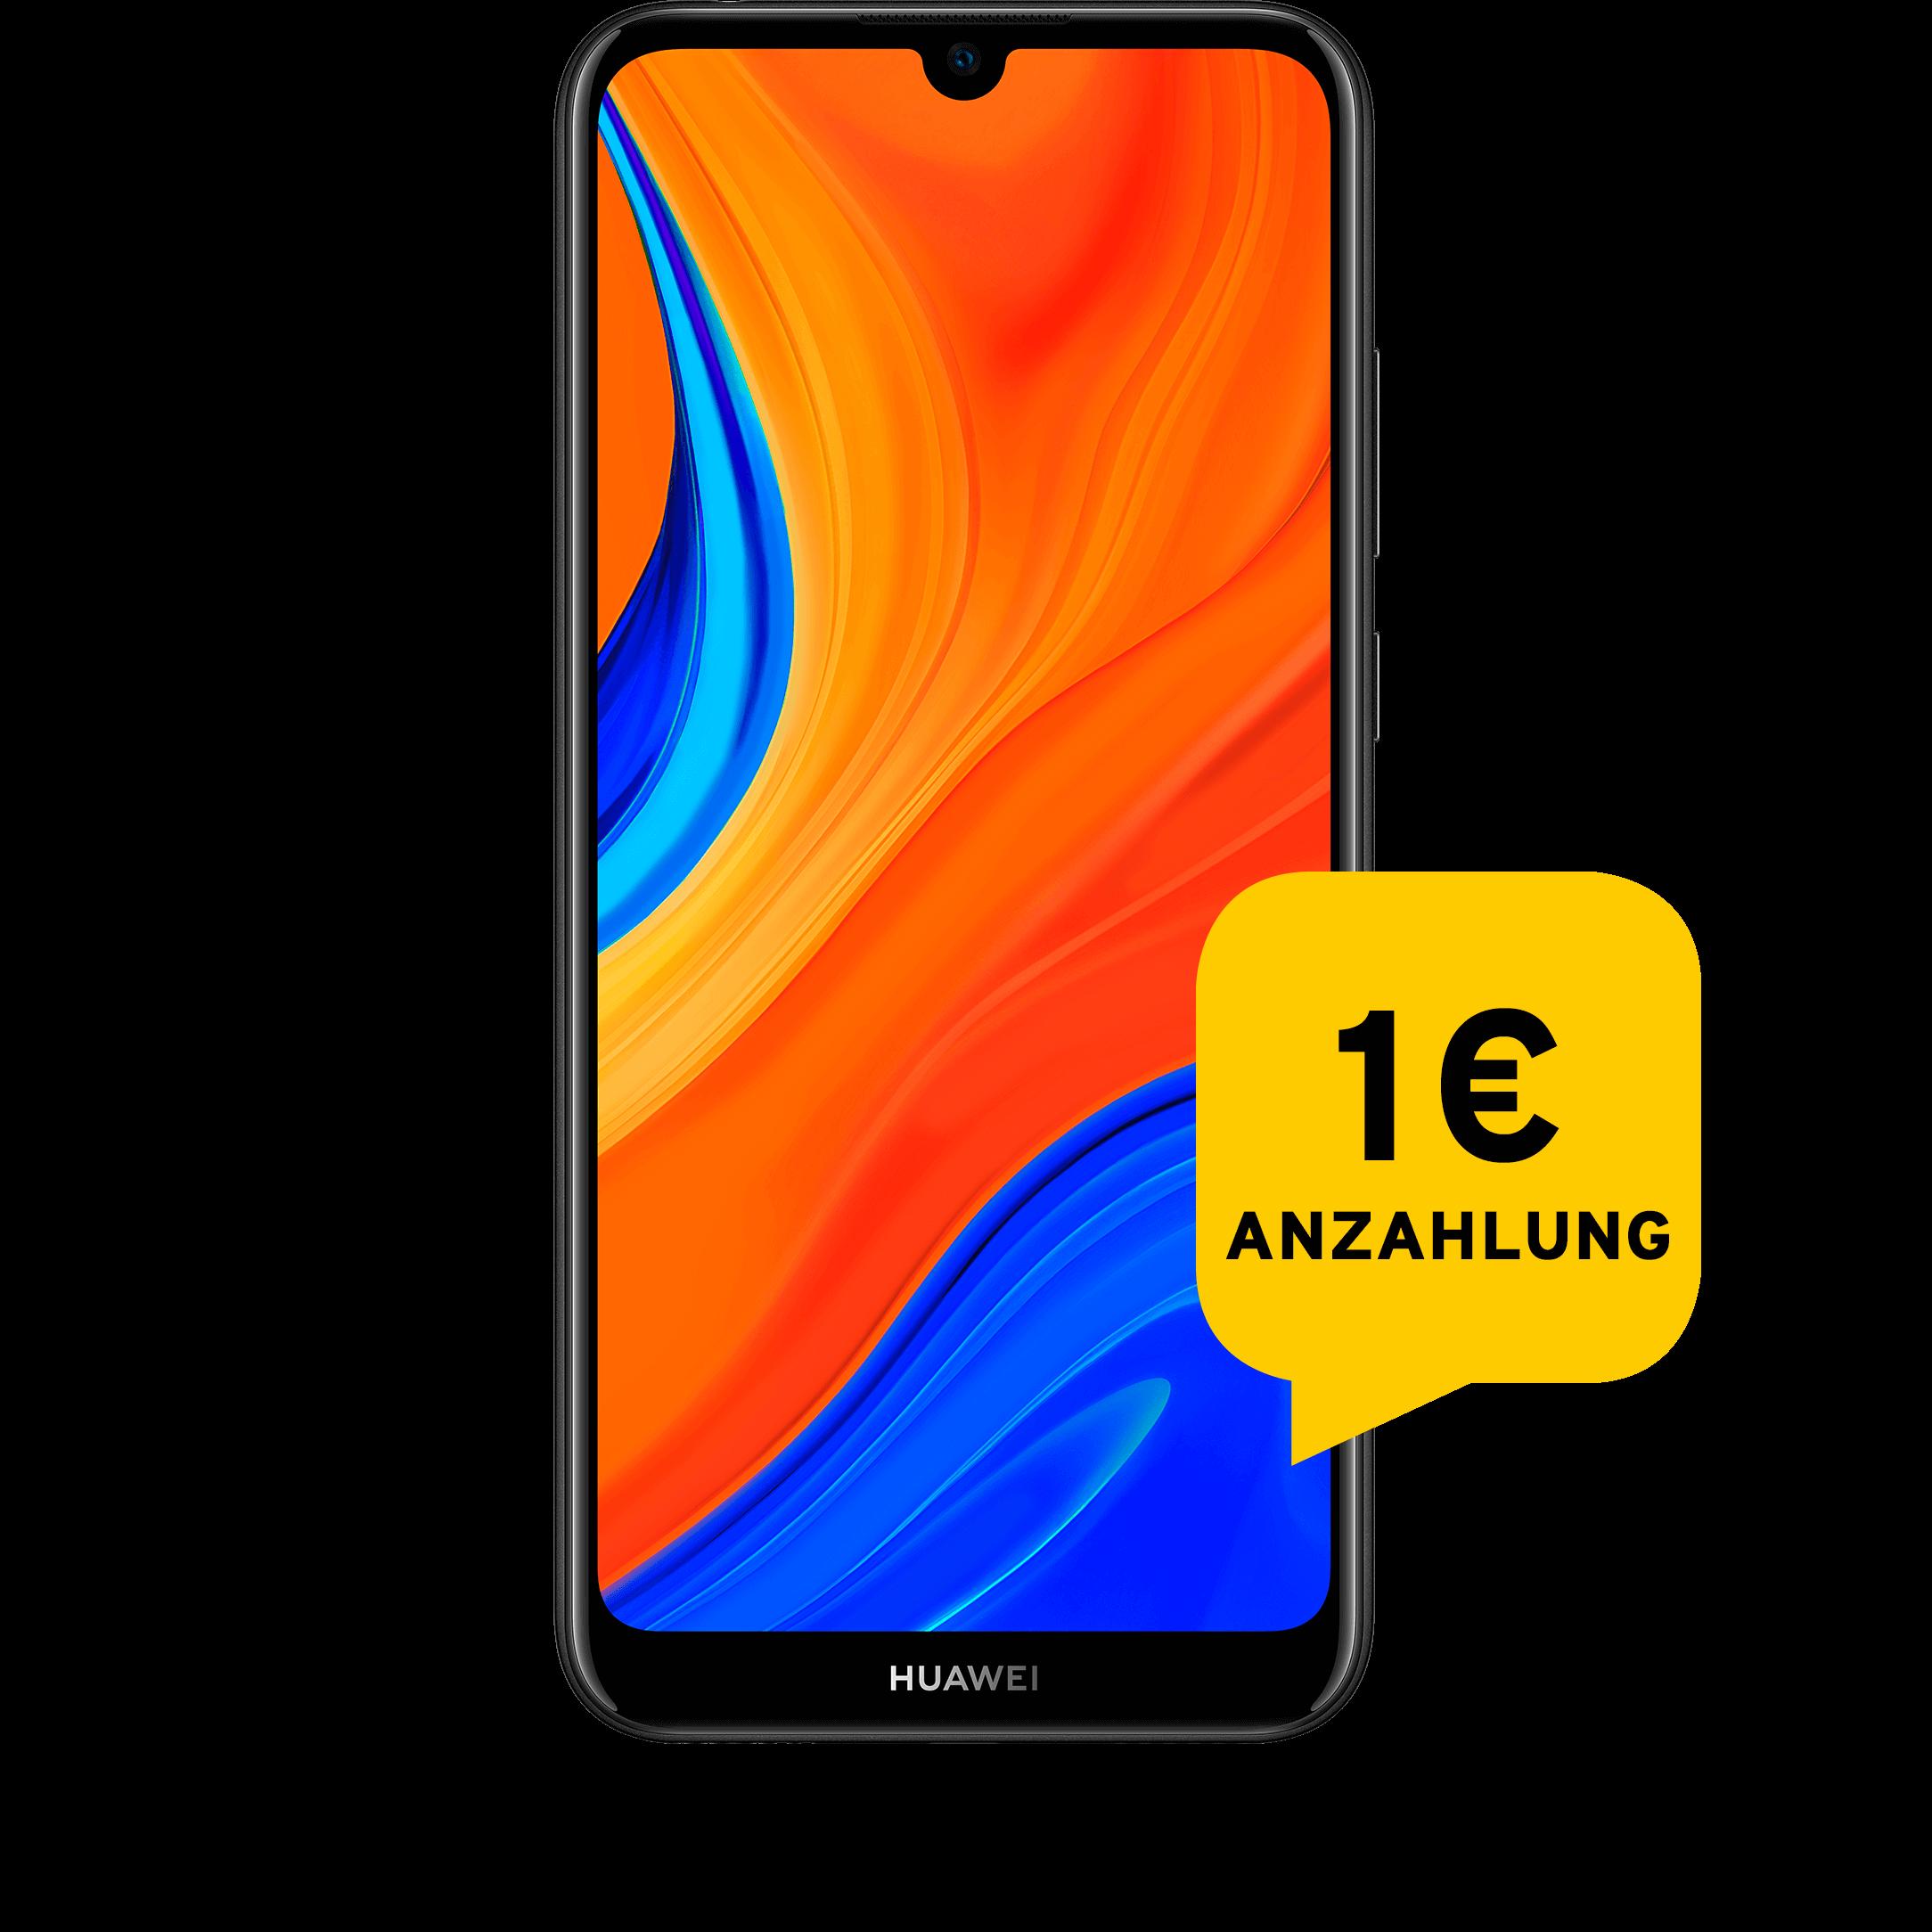 Günstig Kaufen beim Preisvergleich-Huawei Y6s schwarz Aktion mit Allnet Flat L